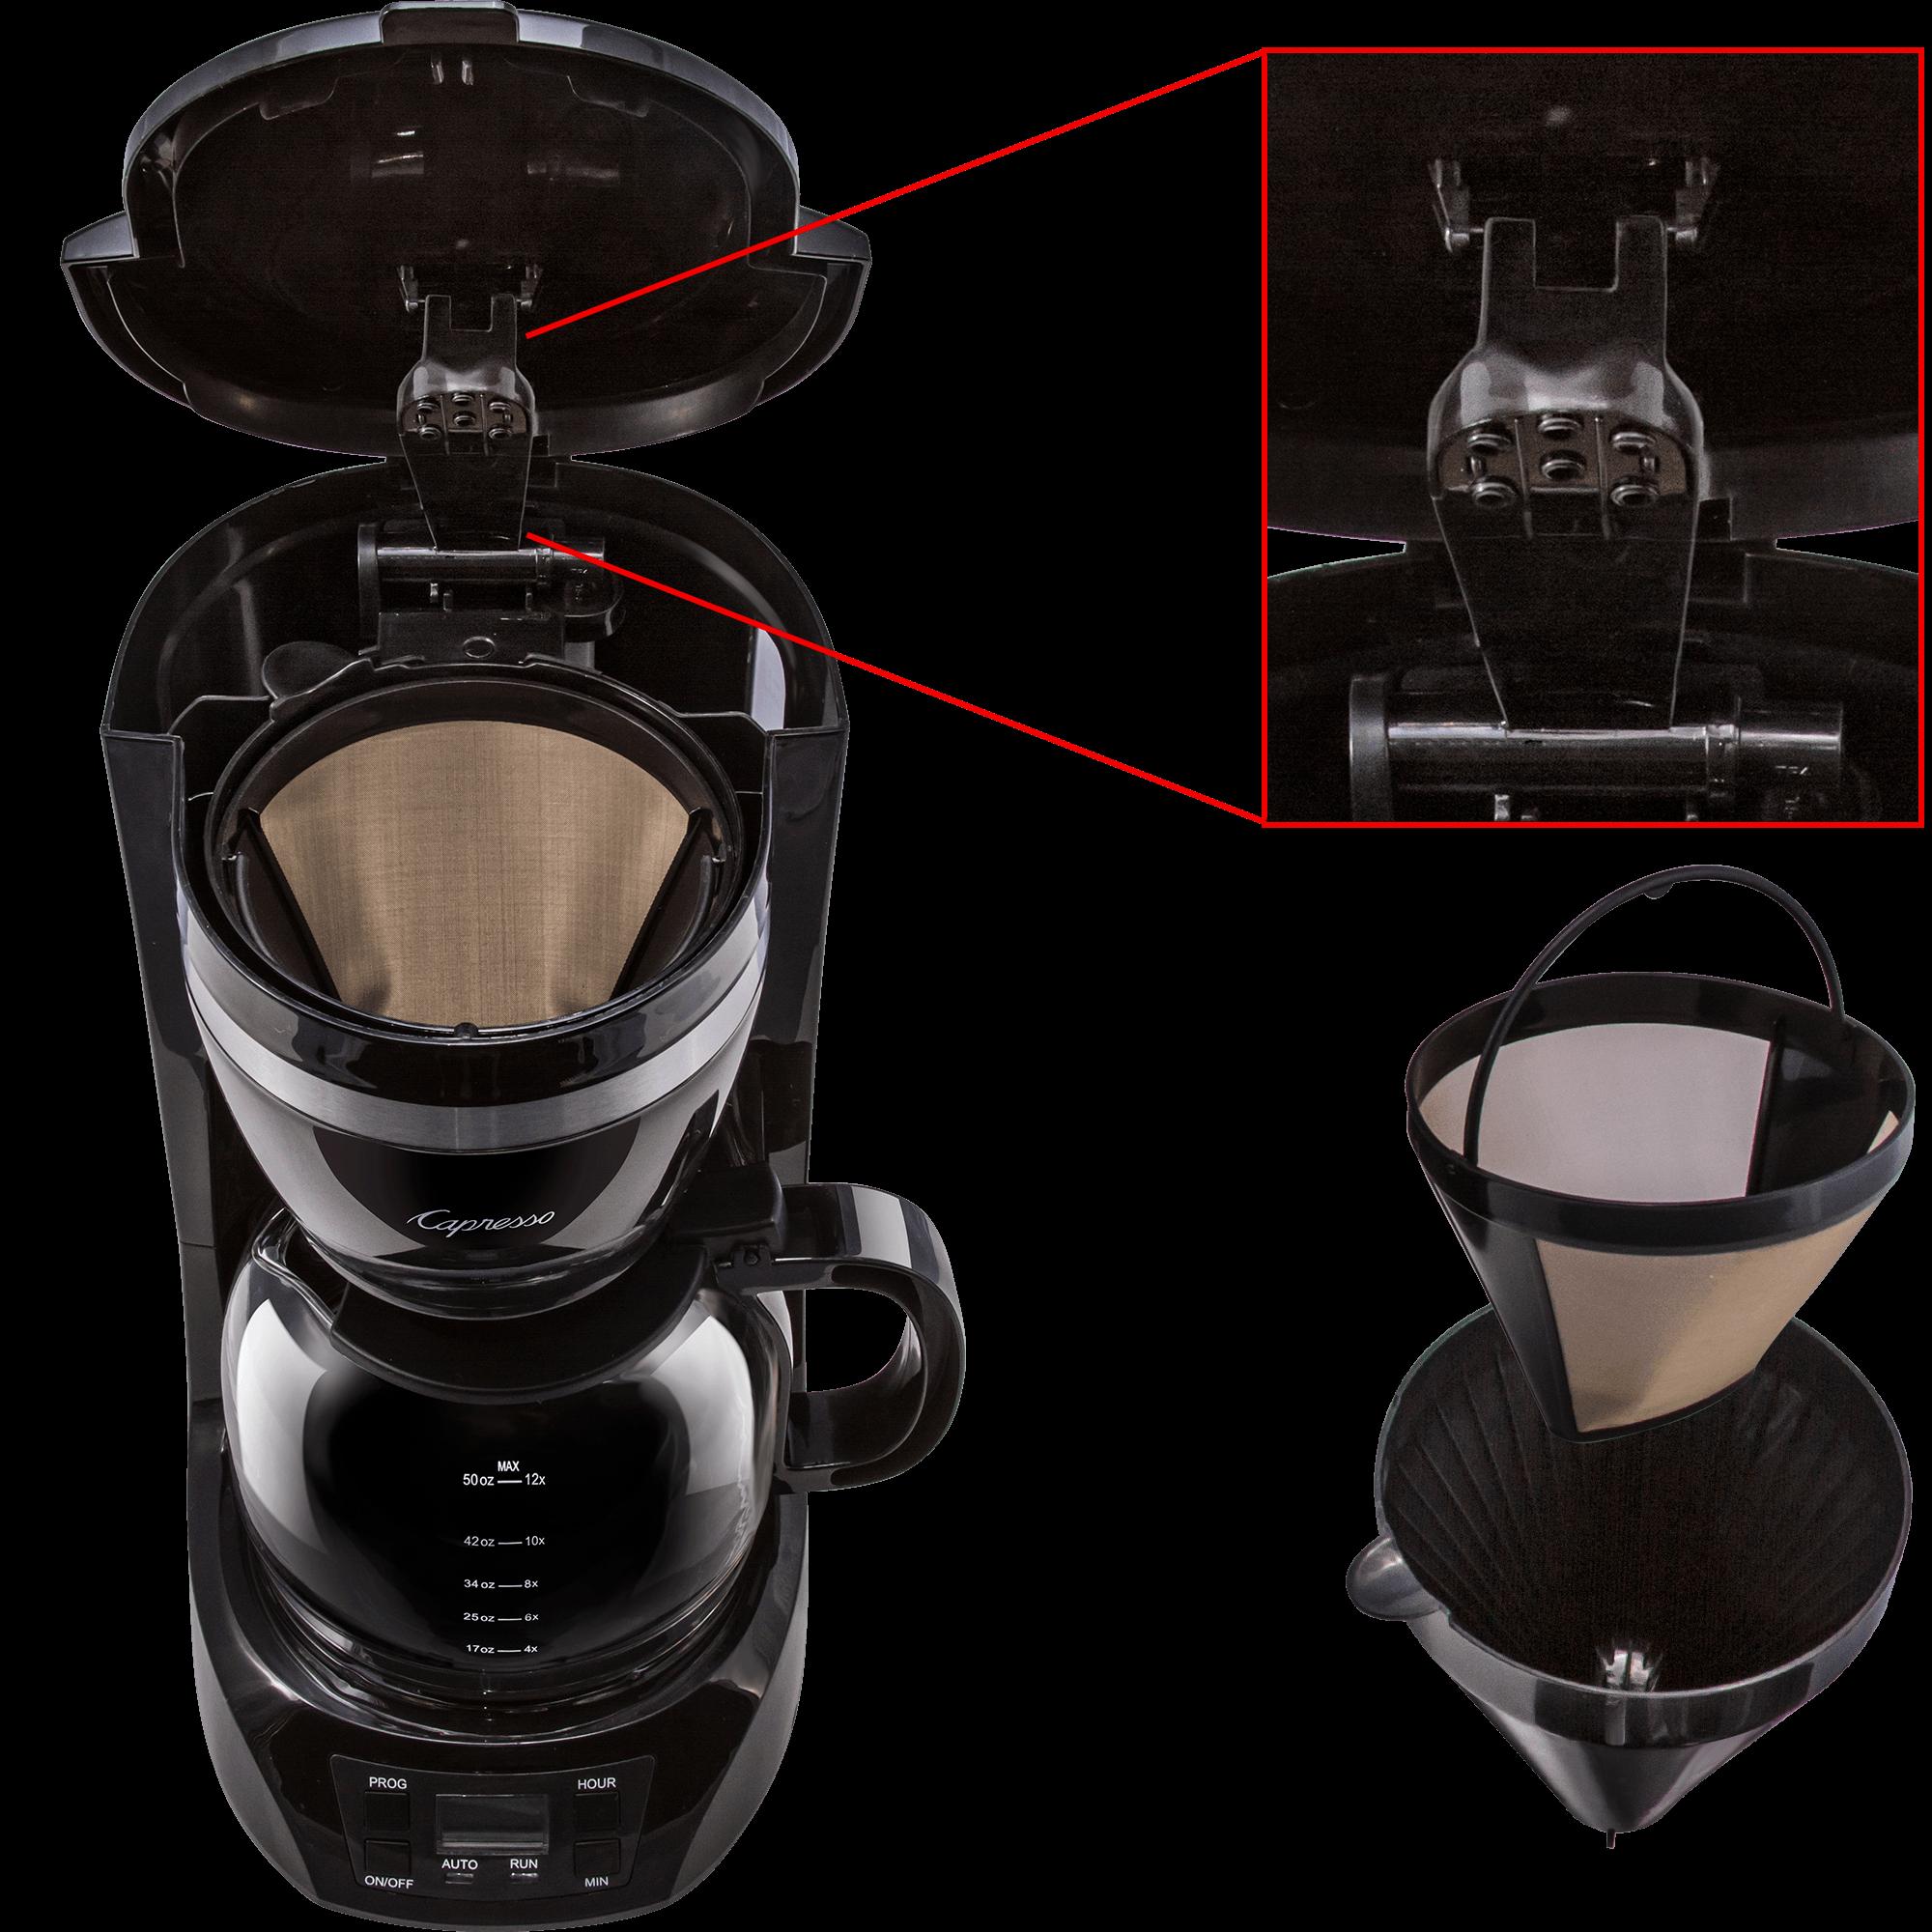 Capresso 12-Cup Coffee Maker